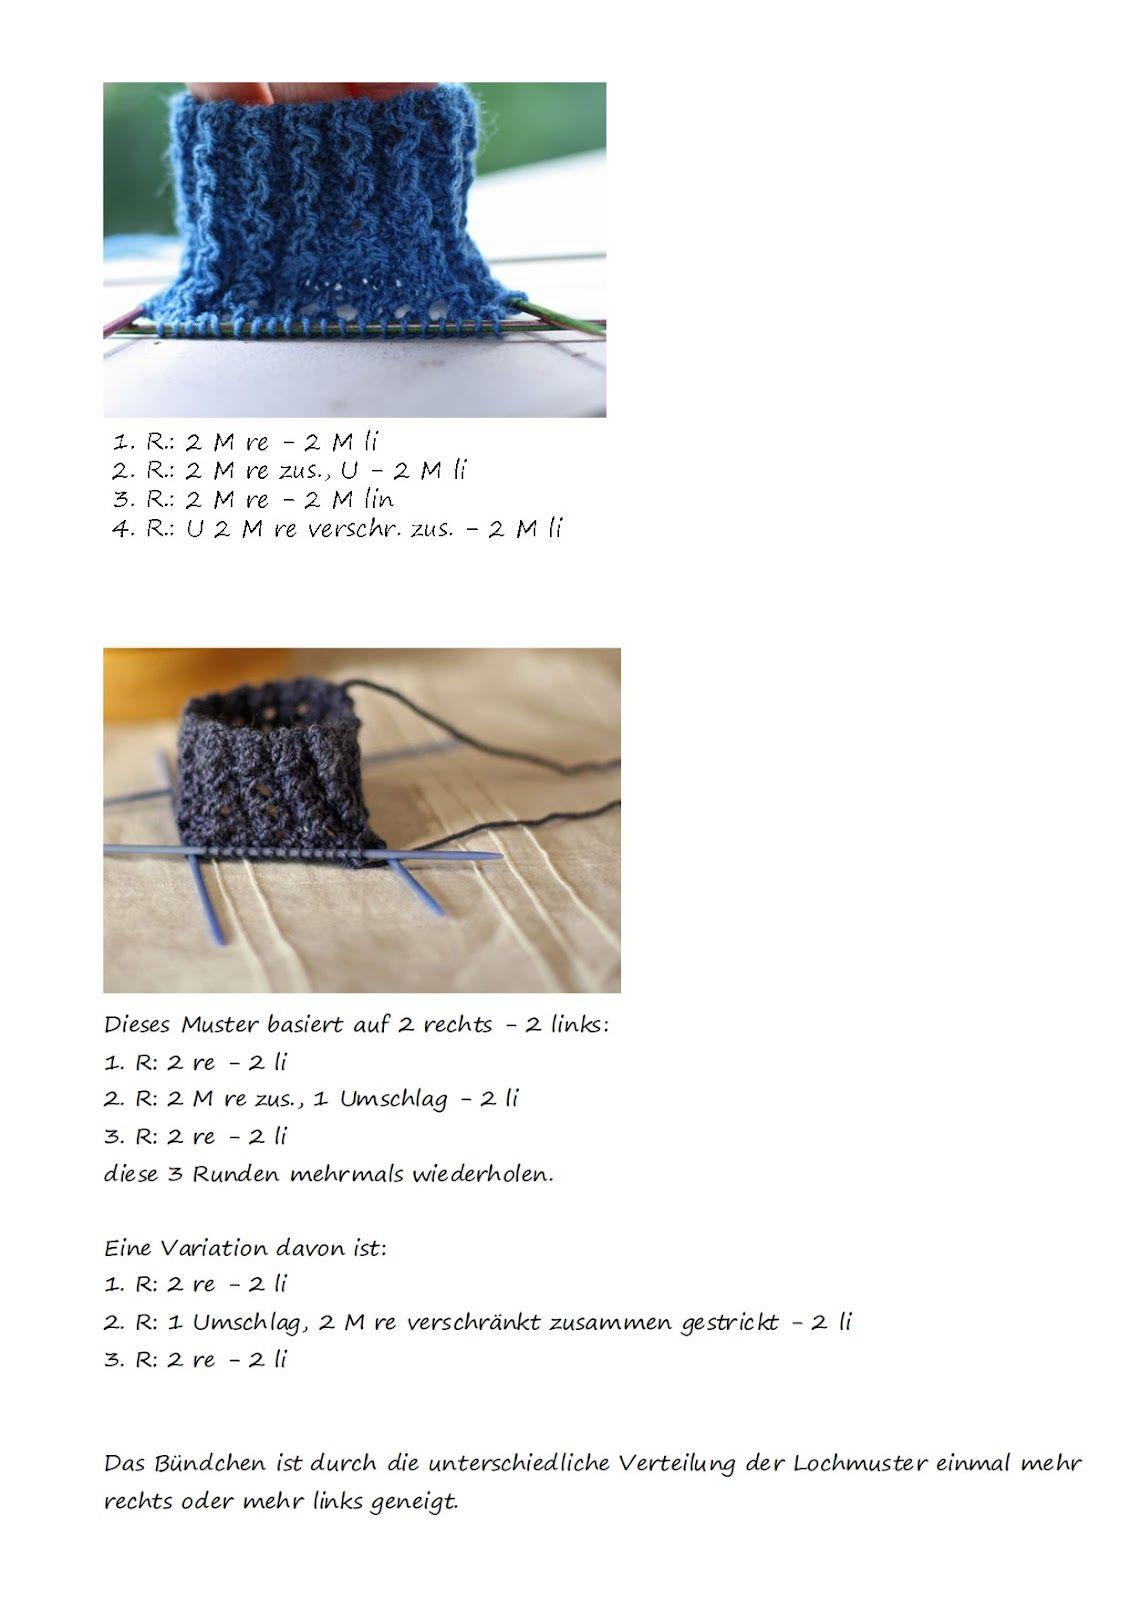 Photo of Sockenmuster als e-book        Hier zeige ich meine selbstentworfenen Sockenmust…